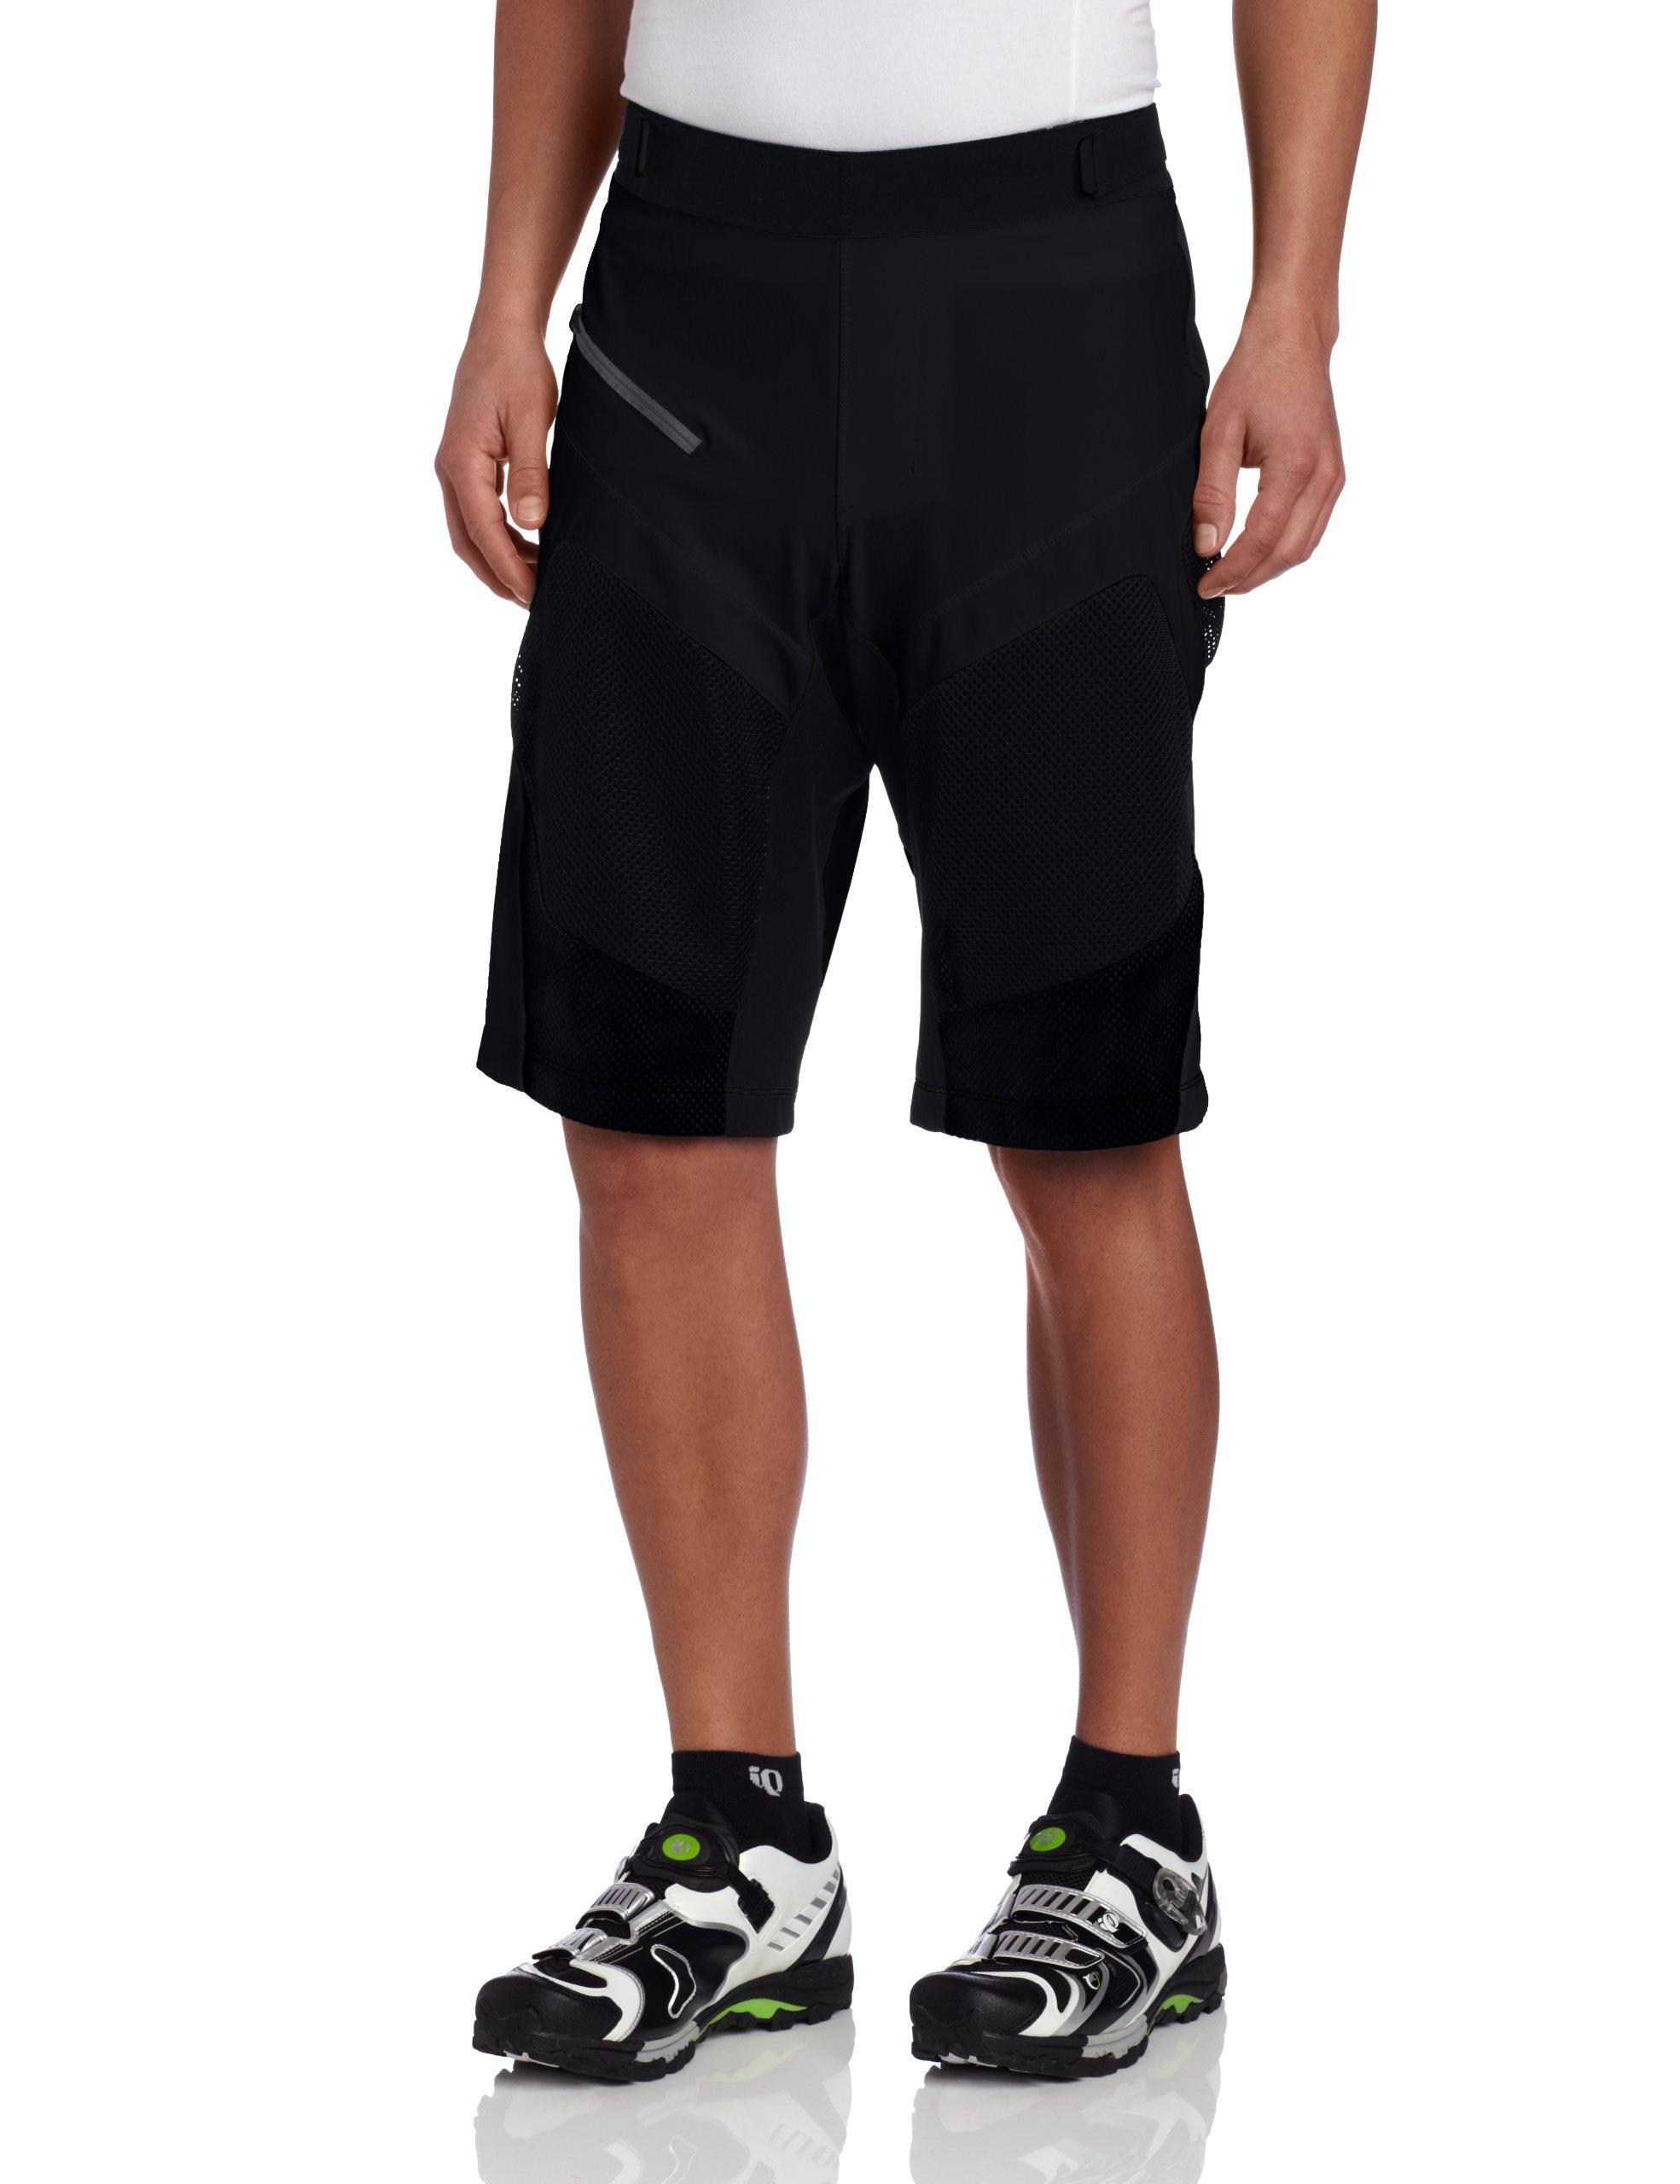 Pearl Izumi Men's Veer Shorts, Black, Large